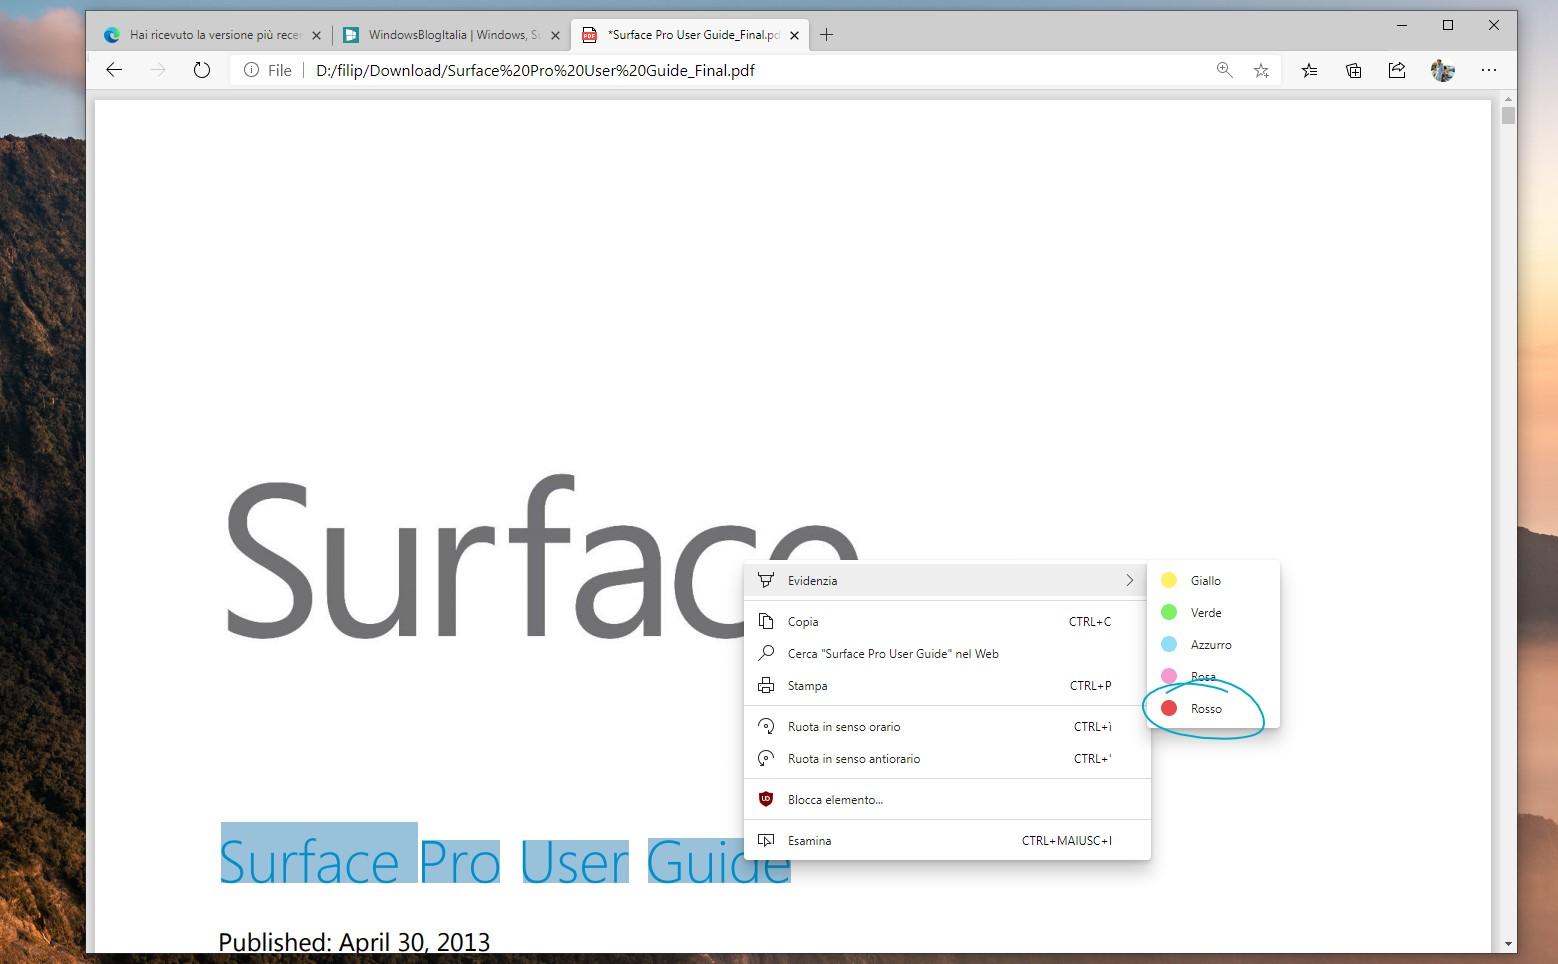 Microsoft Edge nuovo colore rosso nell'evidenziatore dei PDF